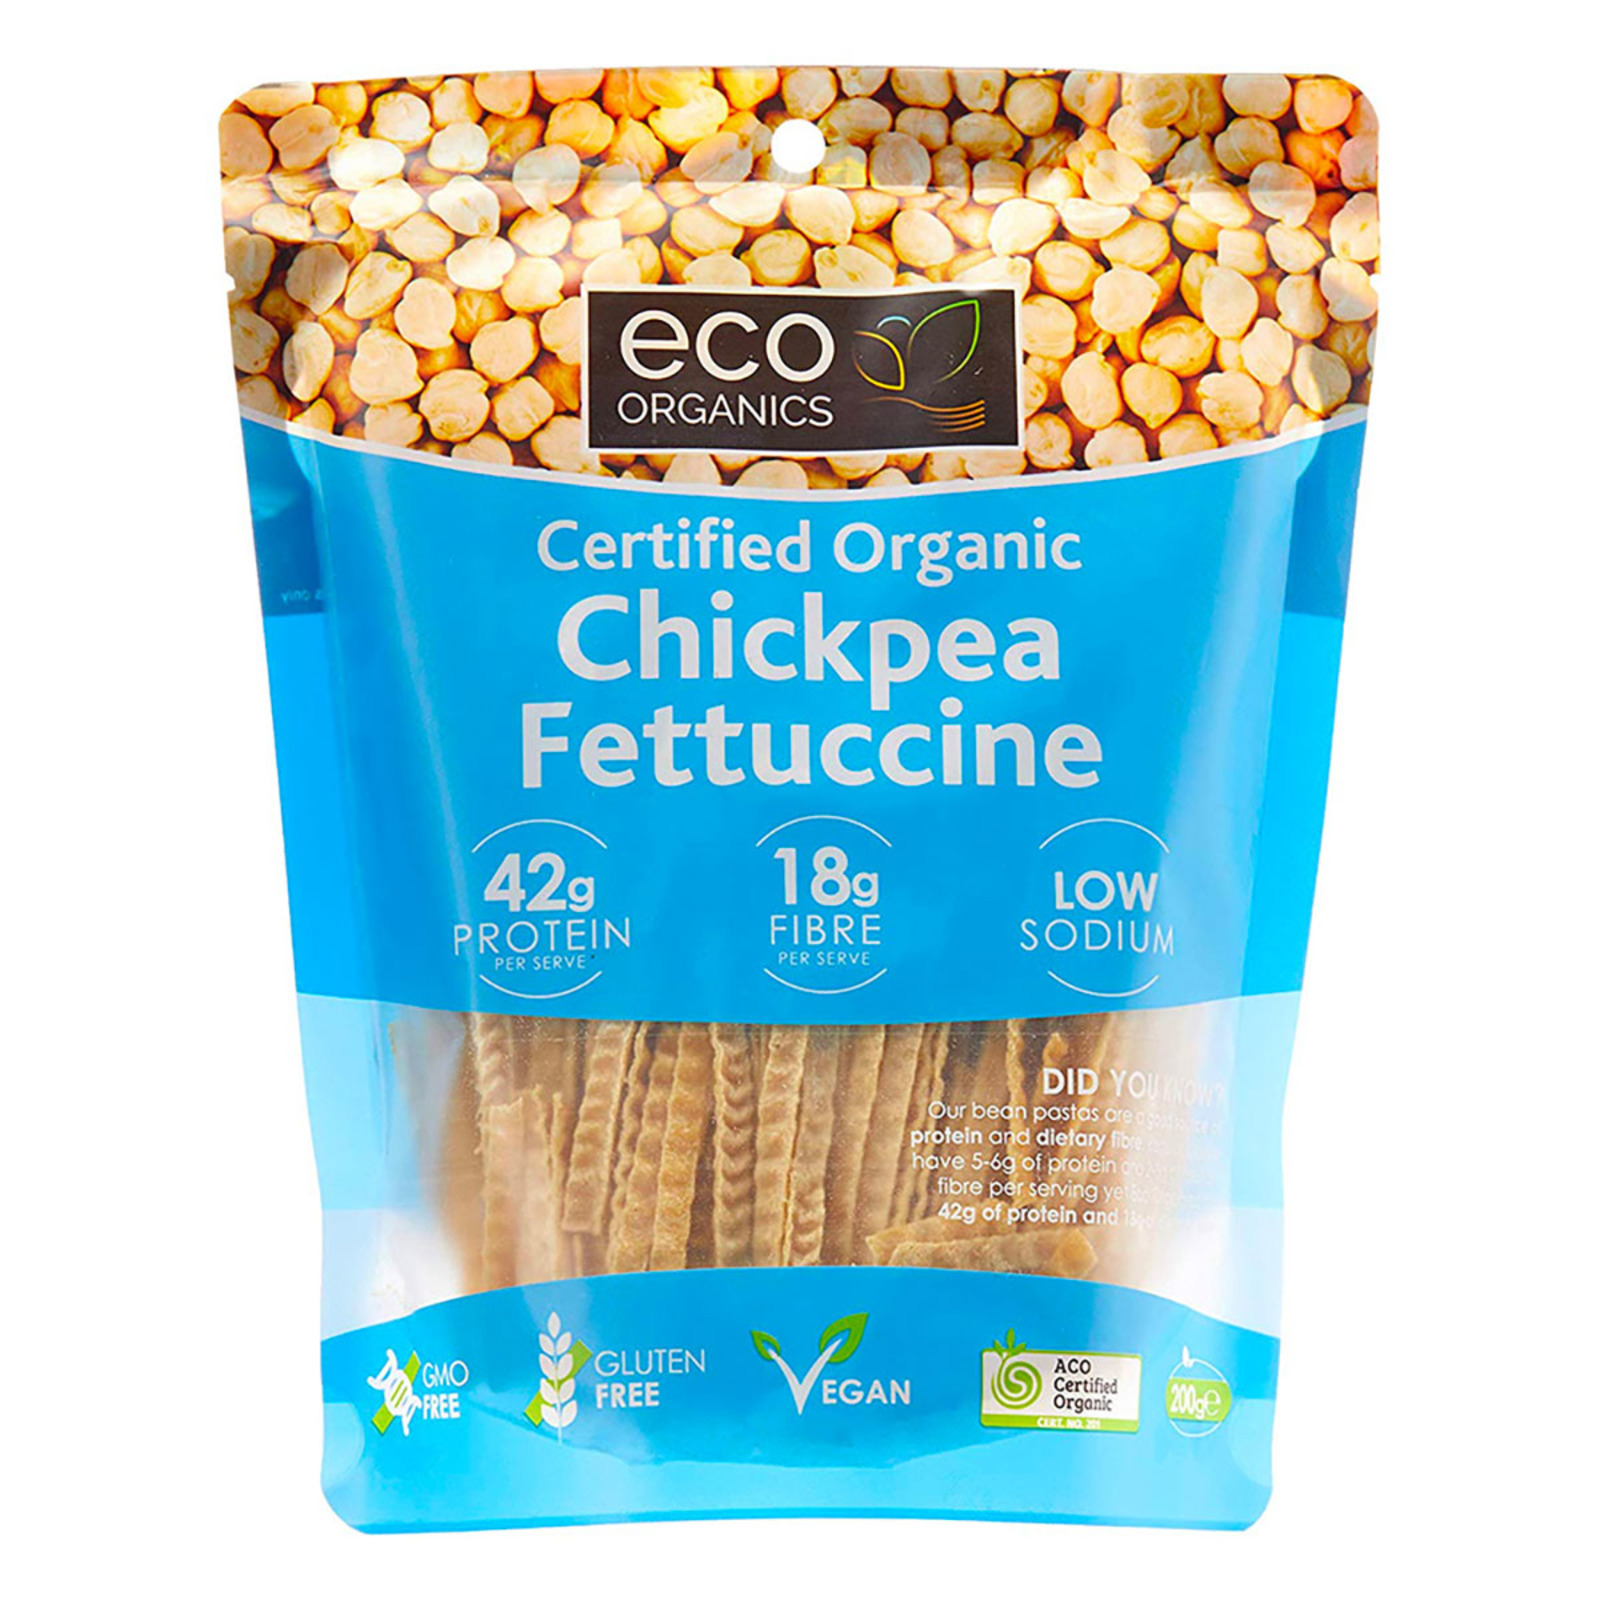 Eco Organics Chickpea Fettuccini